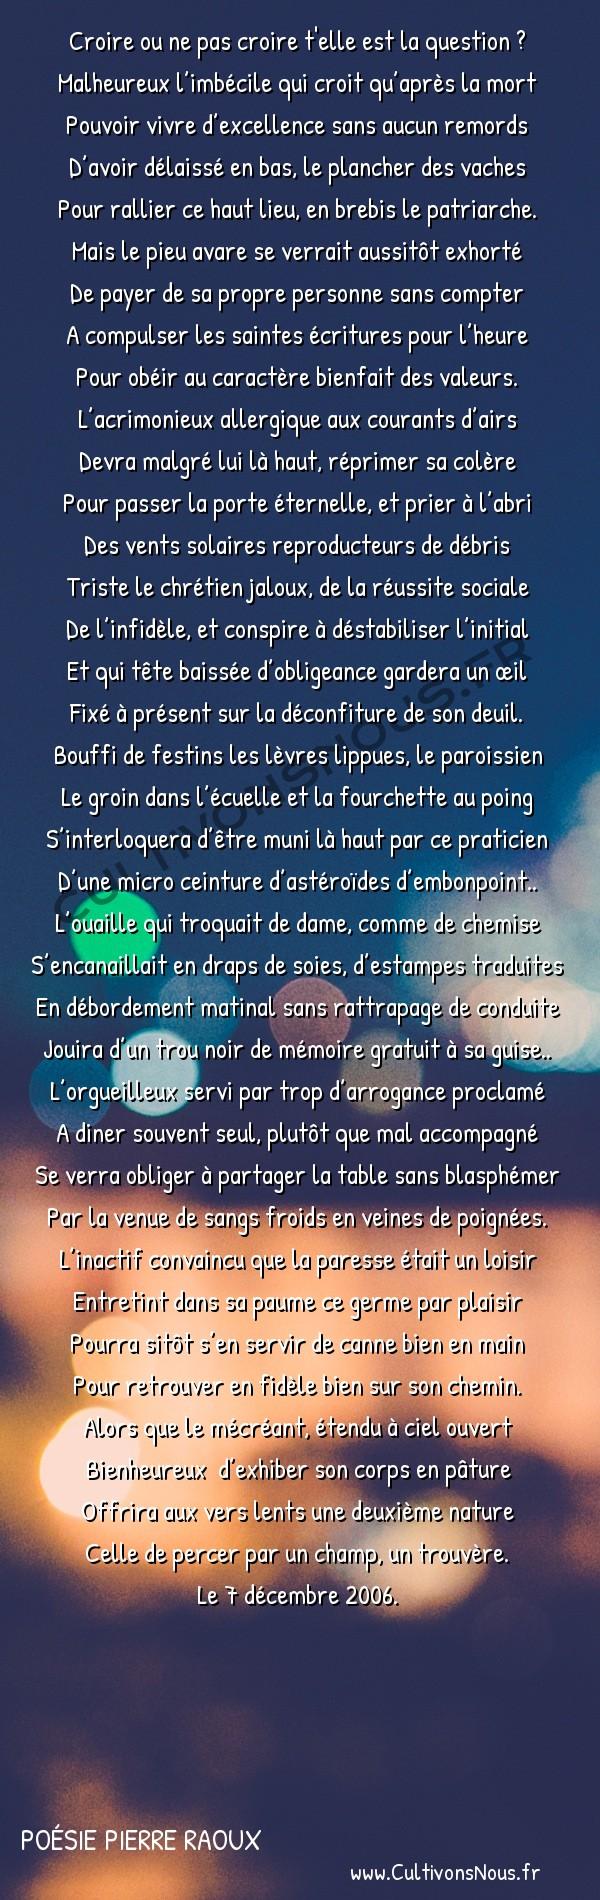 Poésies contemporaines - Poésie Pierre Raoux - Ma foi non ! Fantaisie. -  Croire ou ne pas croire t'elle est la question ? Malheureux l'imbécile qui croit qu'après la mort